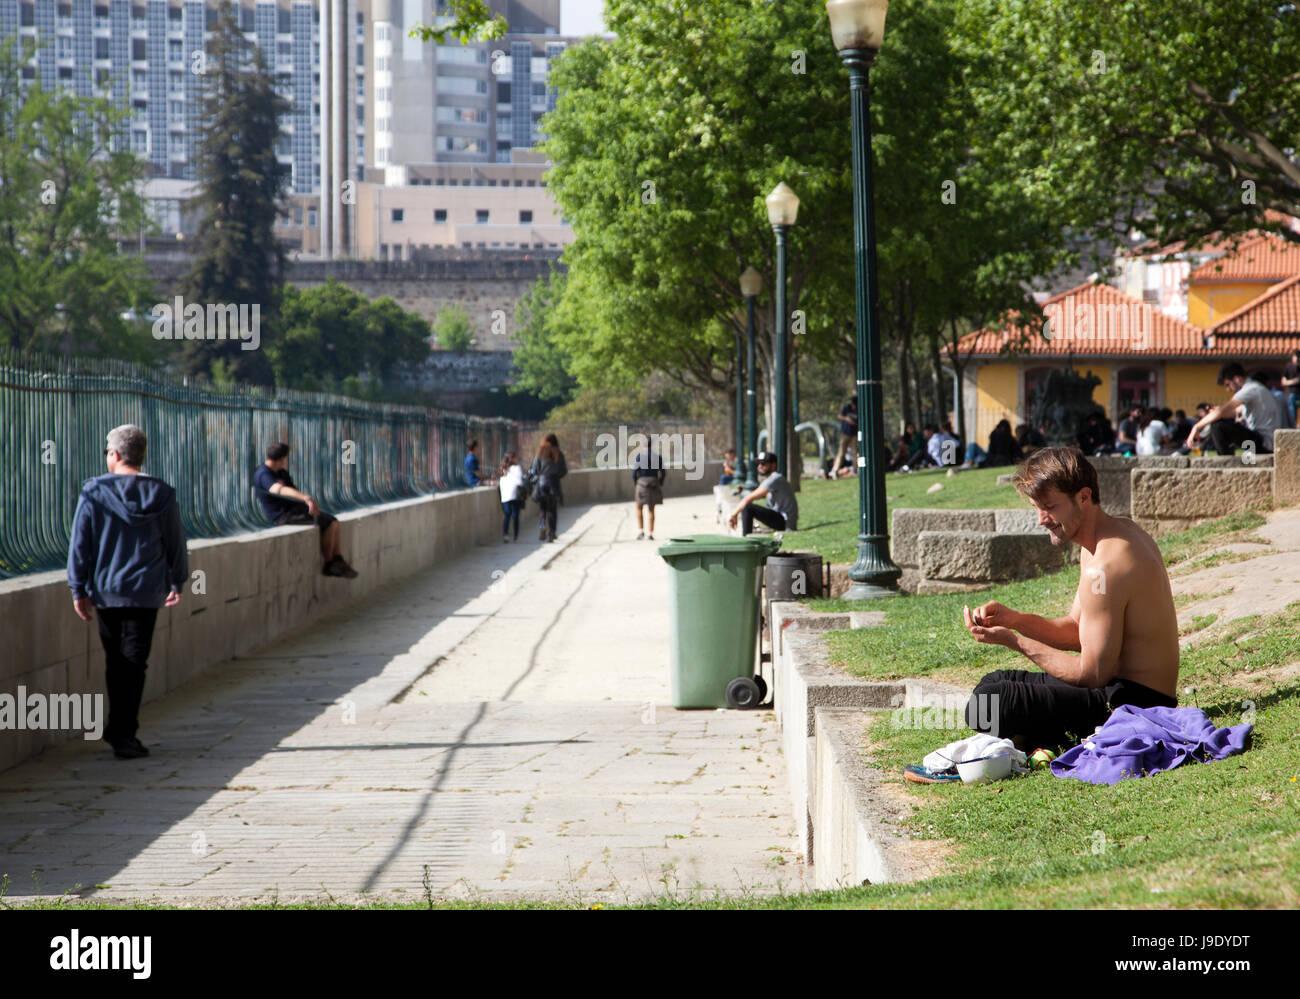 Passeio das Virtudes promenade with Views over Porto in Portugal - Stock Image